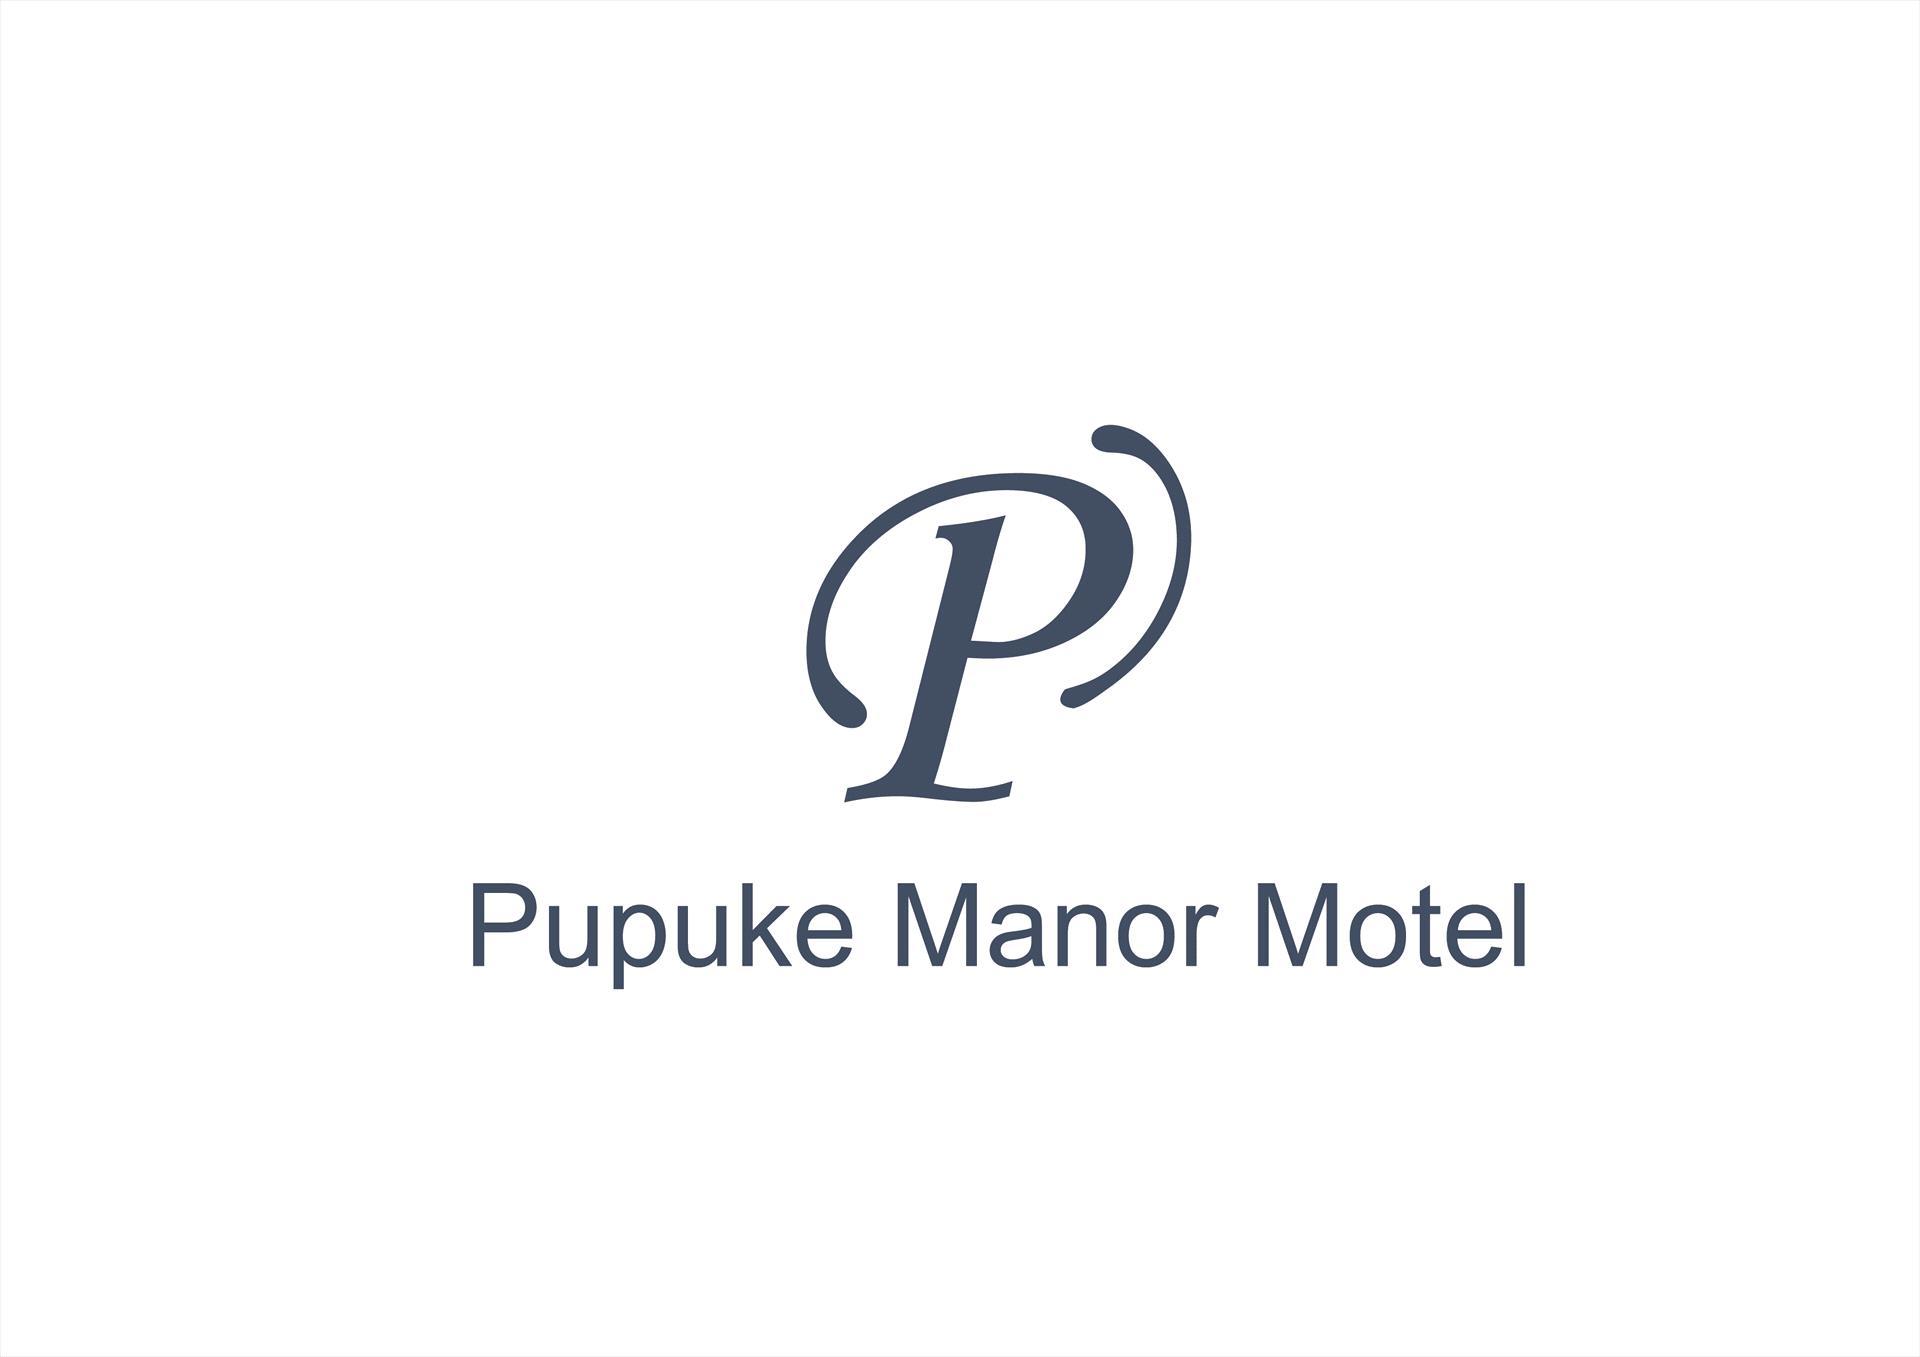 Pupuke Manor Motel